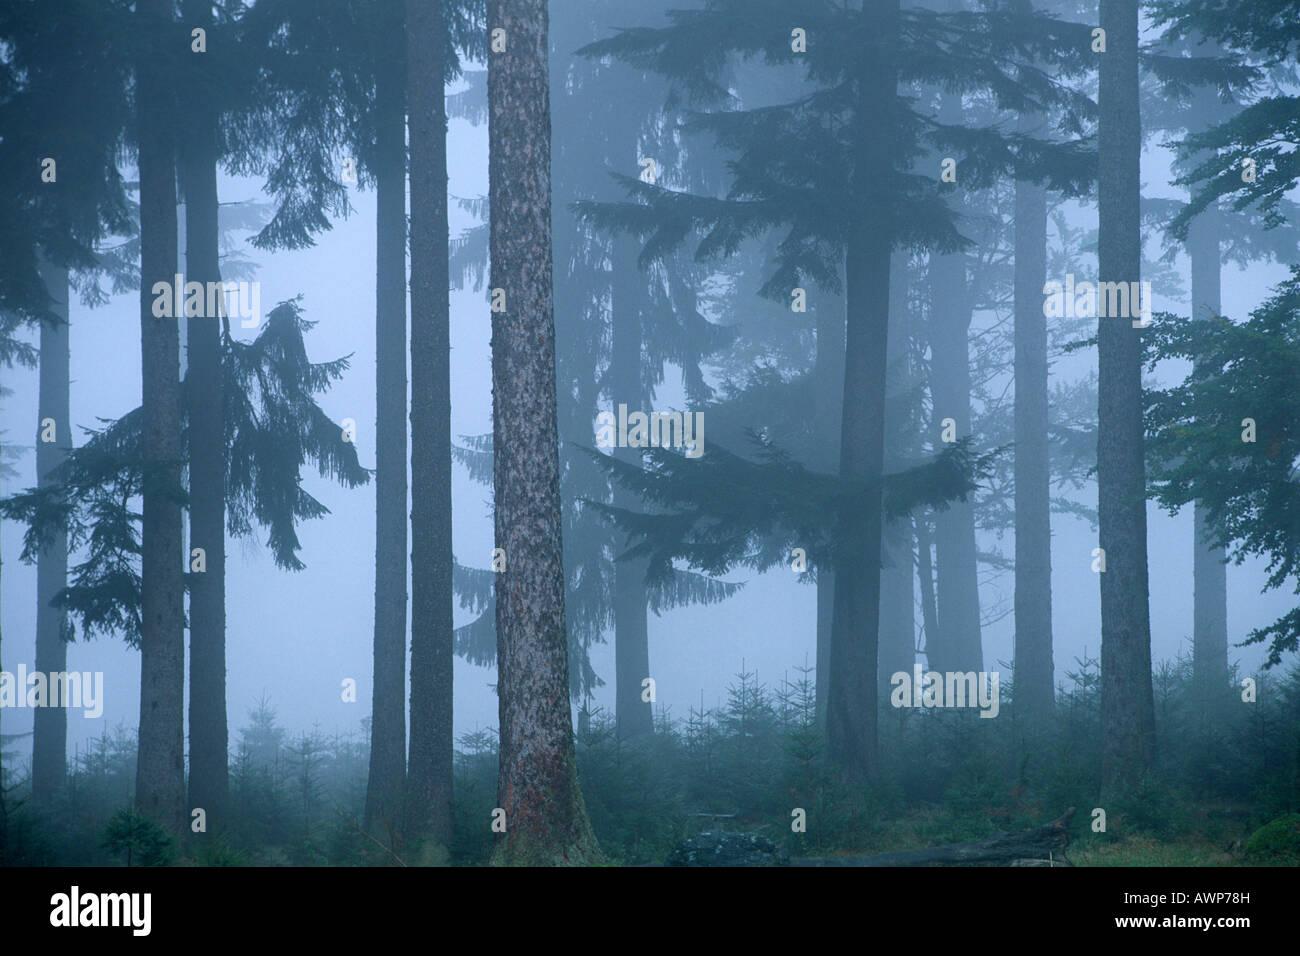 Misty Norvegia foreste di abete rosso (Picea abies), Nationalpark Bayerischer Wald (Parco Nazionale della Foresta Bavarese), in Baviera, Germania, Euro Foto Stock